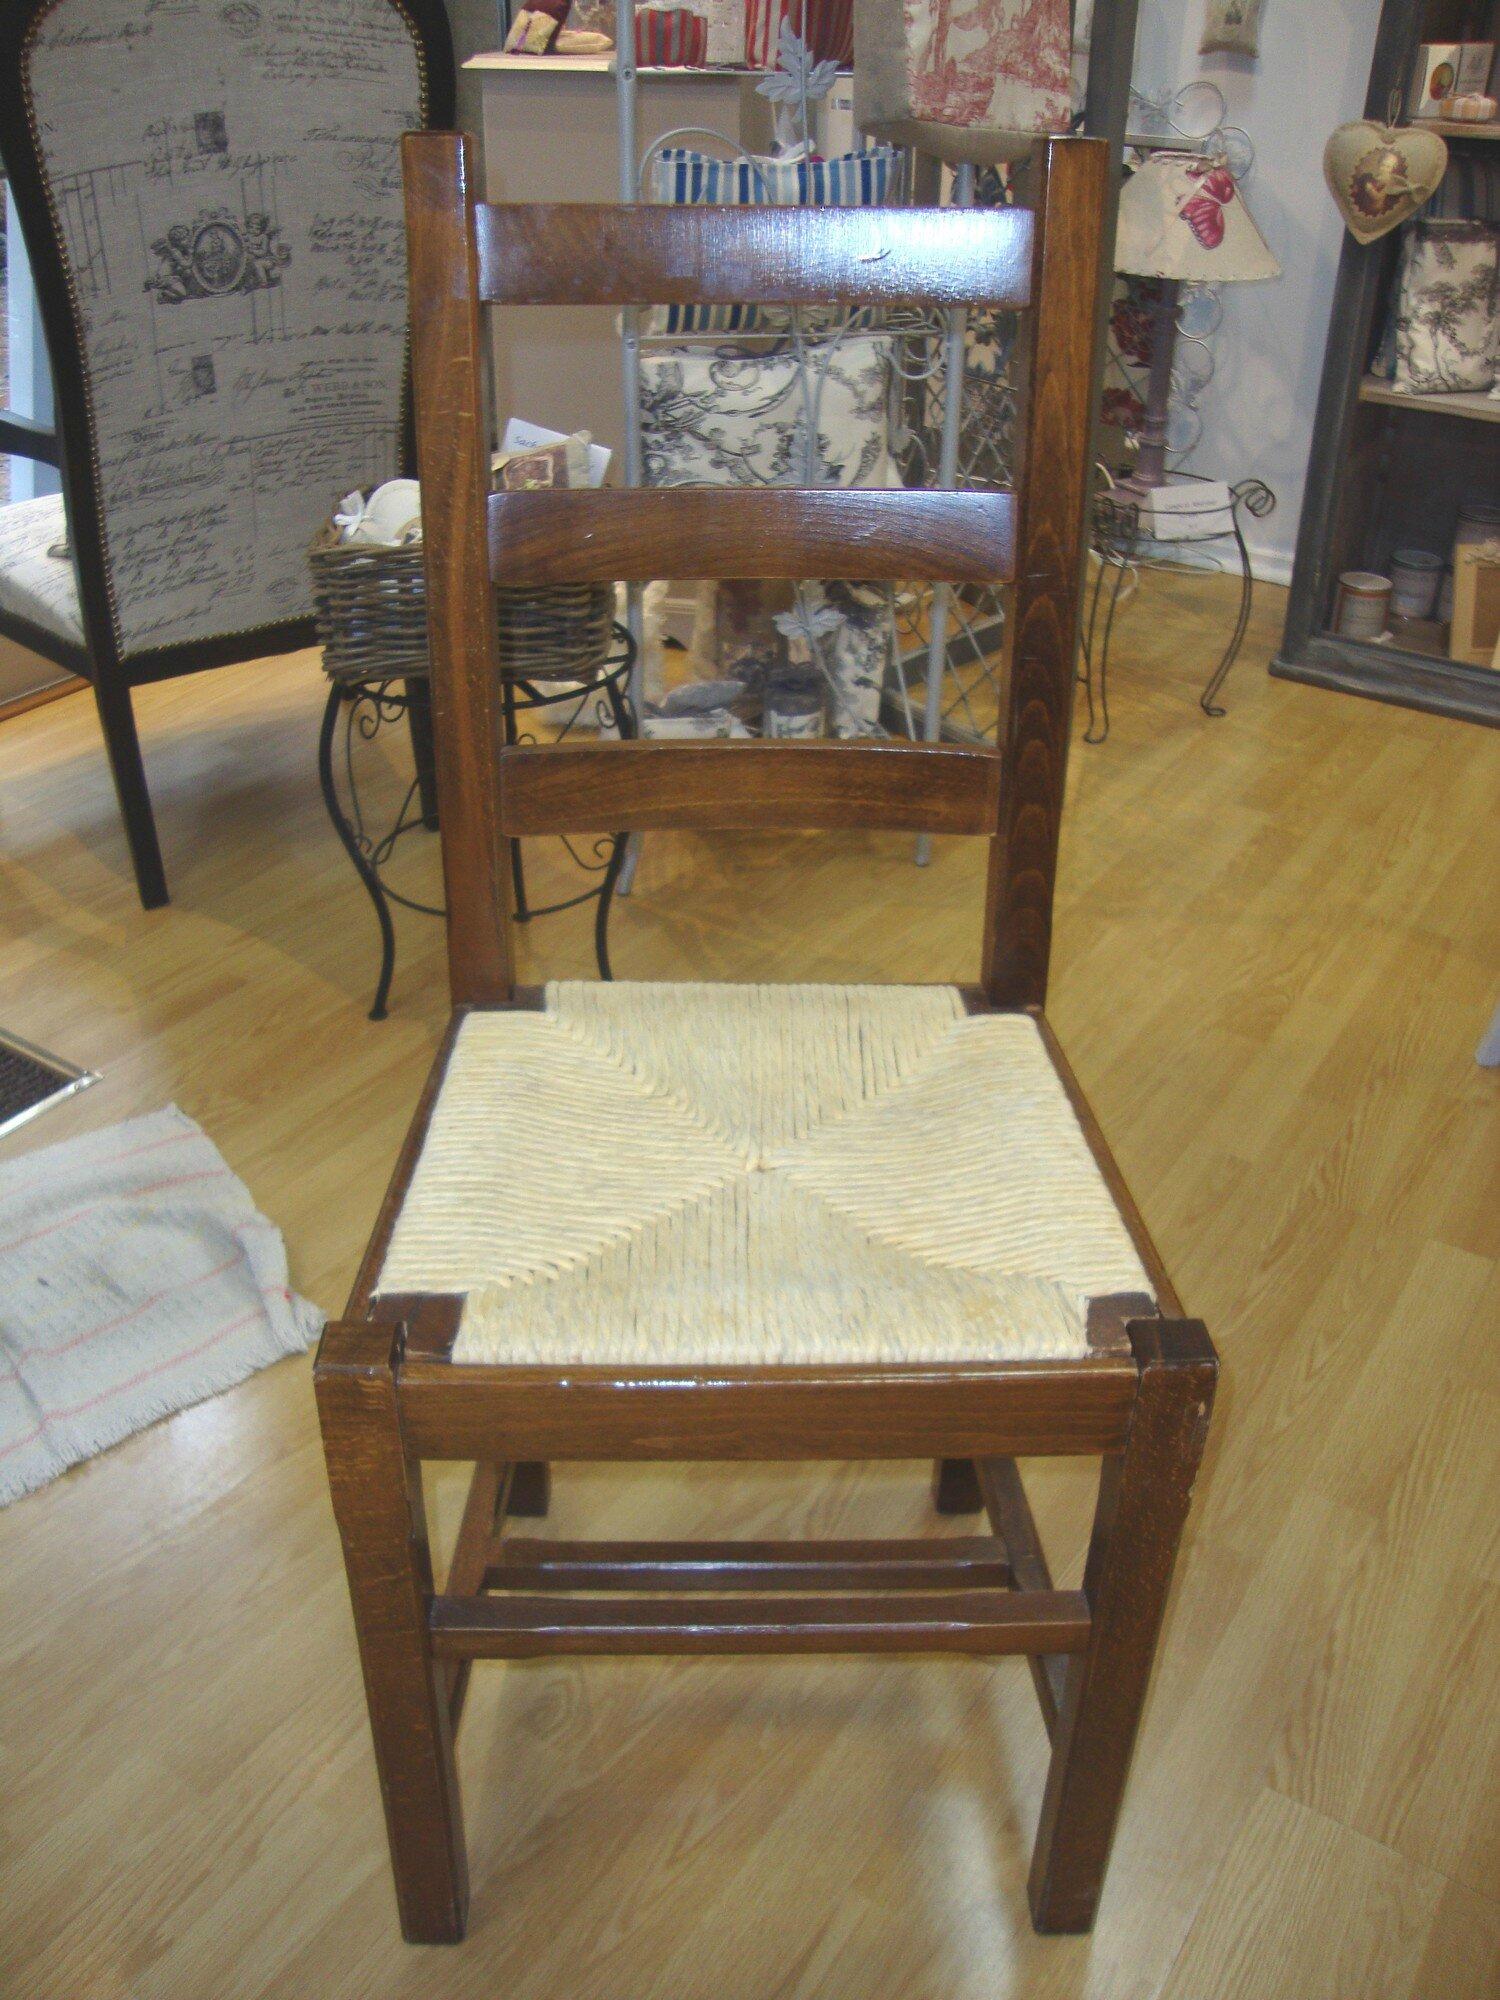 Moderniser Une Chaise En Paille #10: Superb Relooker Une Chaise En Paille #1: 95438065_o.jpg